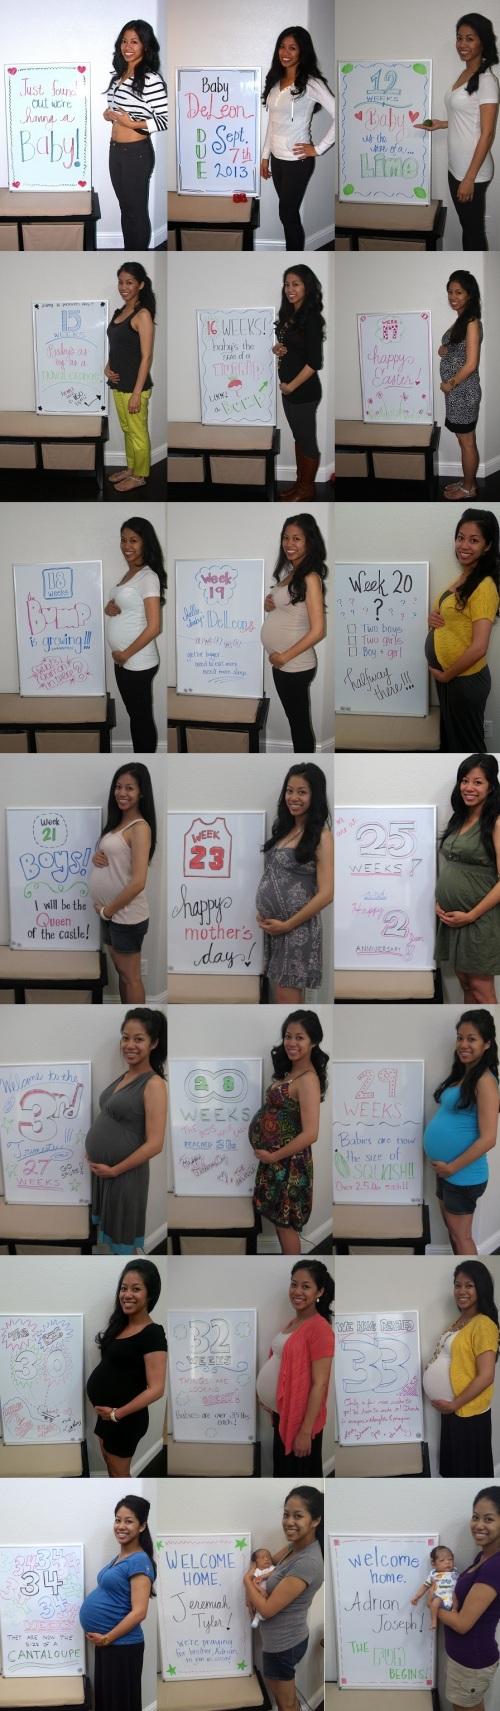 pregnancyupdates